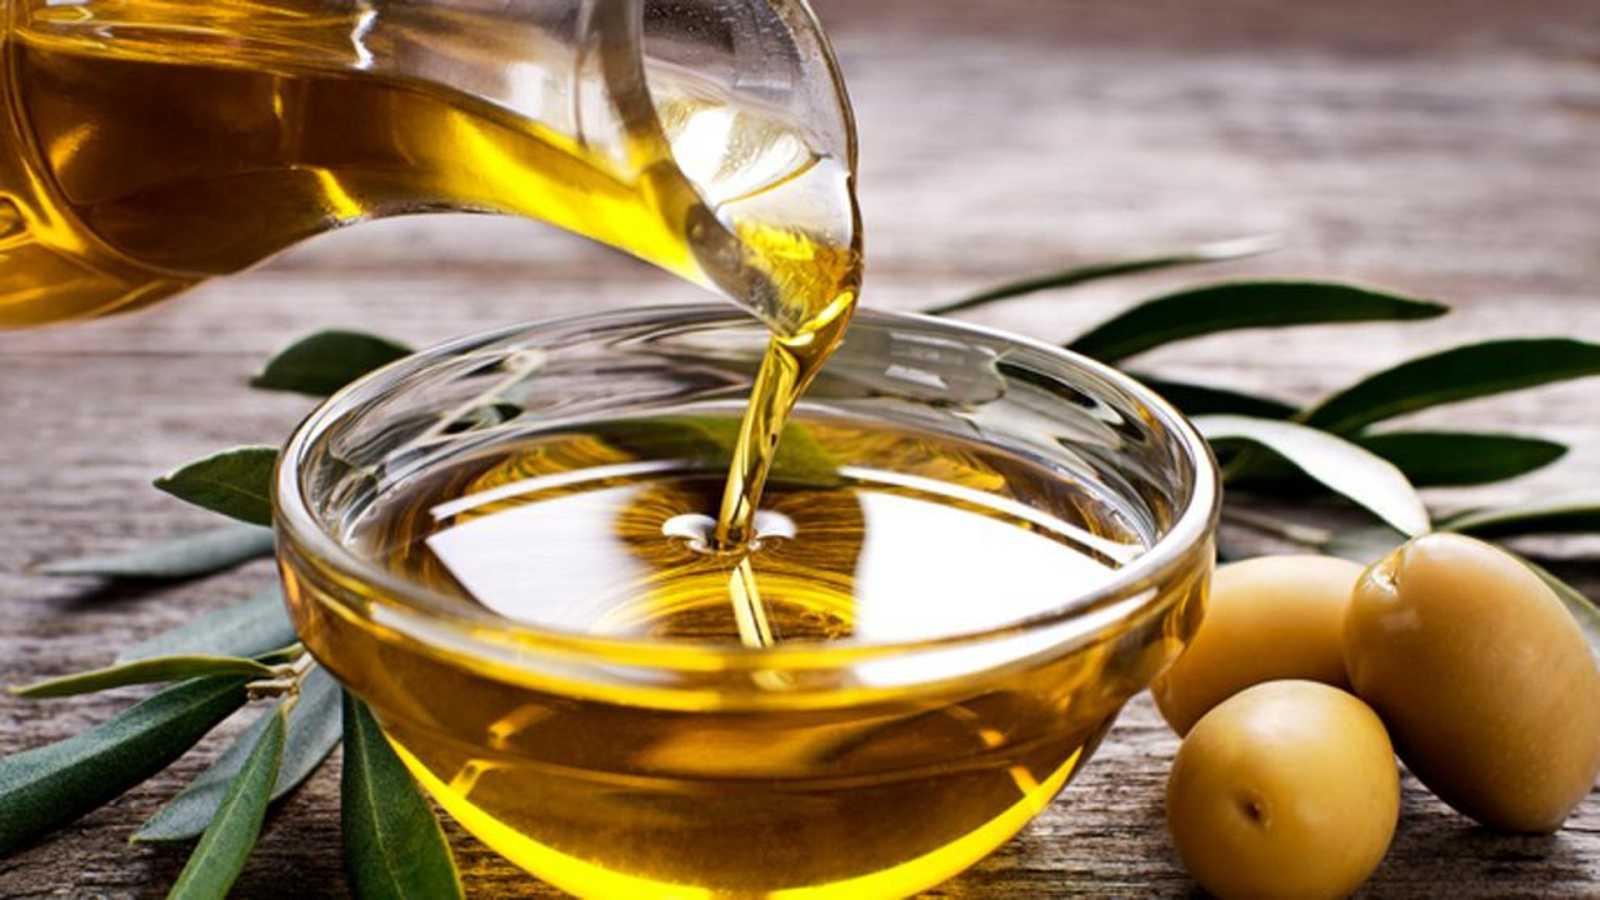 Mundo rural - Dificultades en el sector del aceite de oliva - 10/06/20 - Escuchar ahora